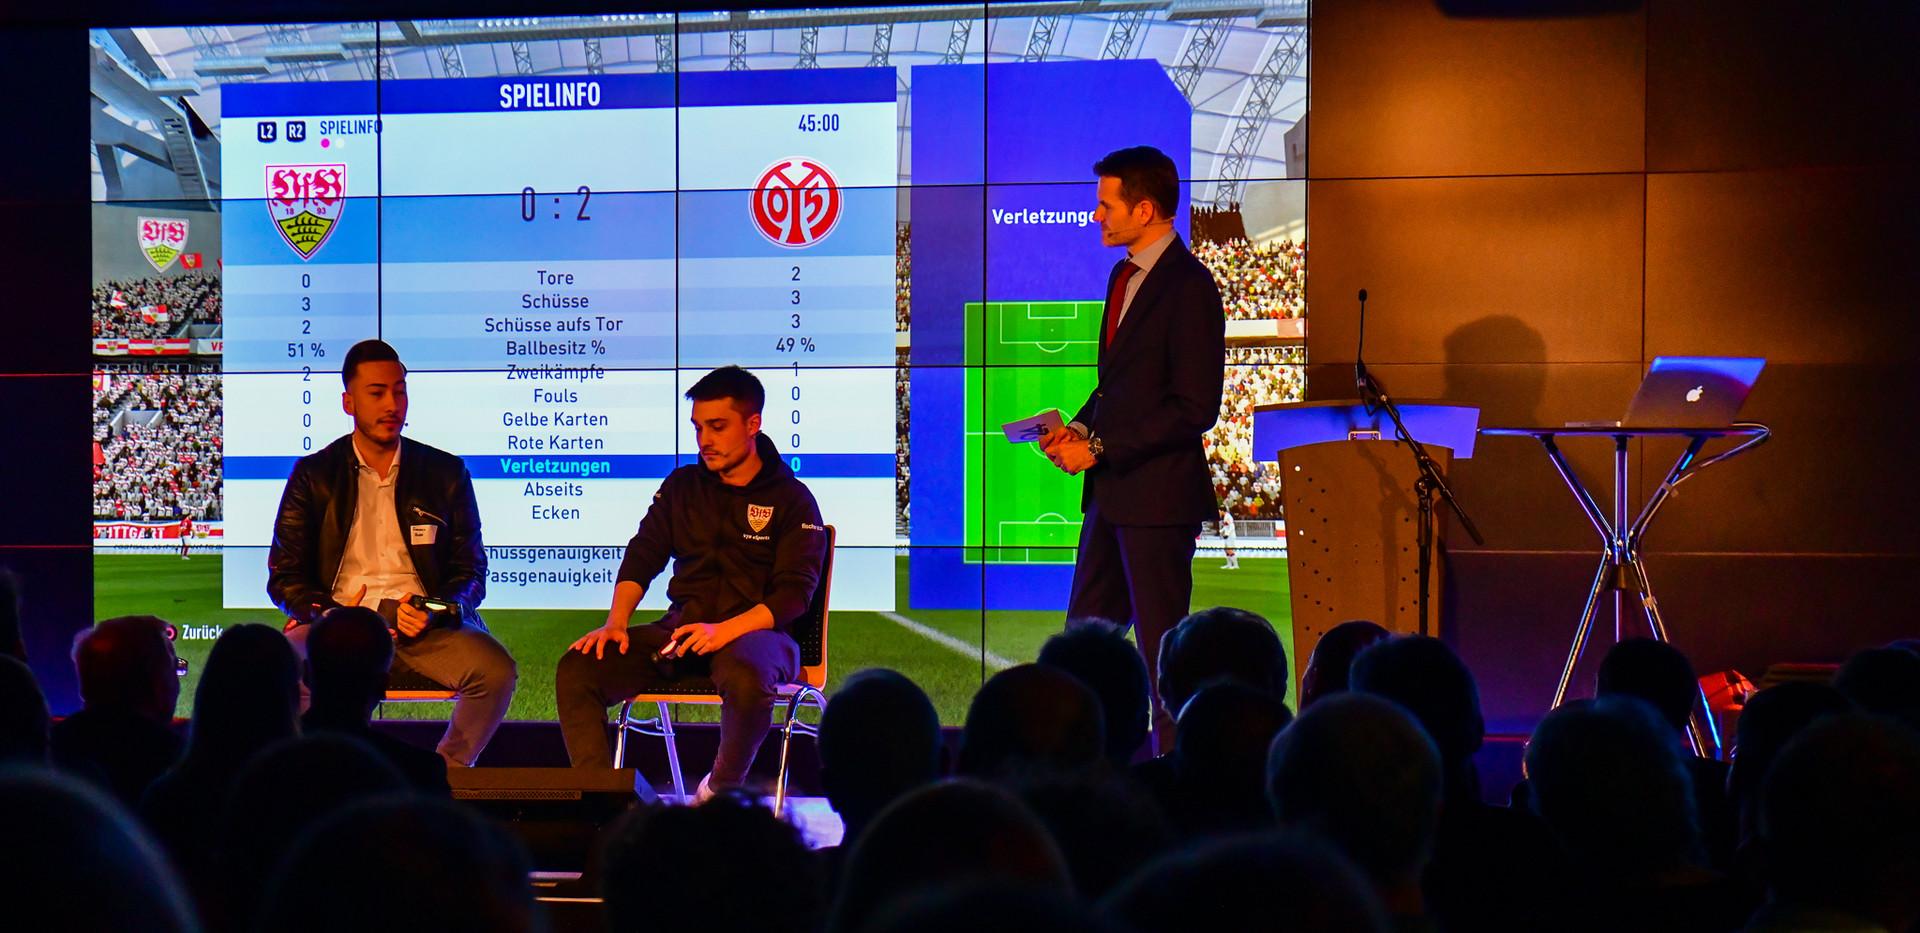 Stuttgarter Sportgespräch 2019